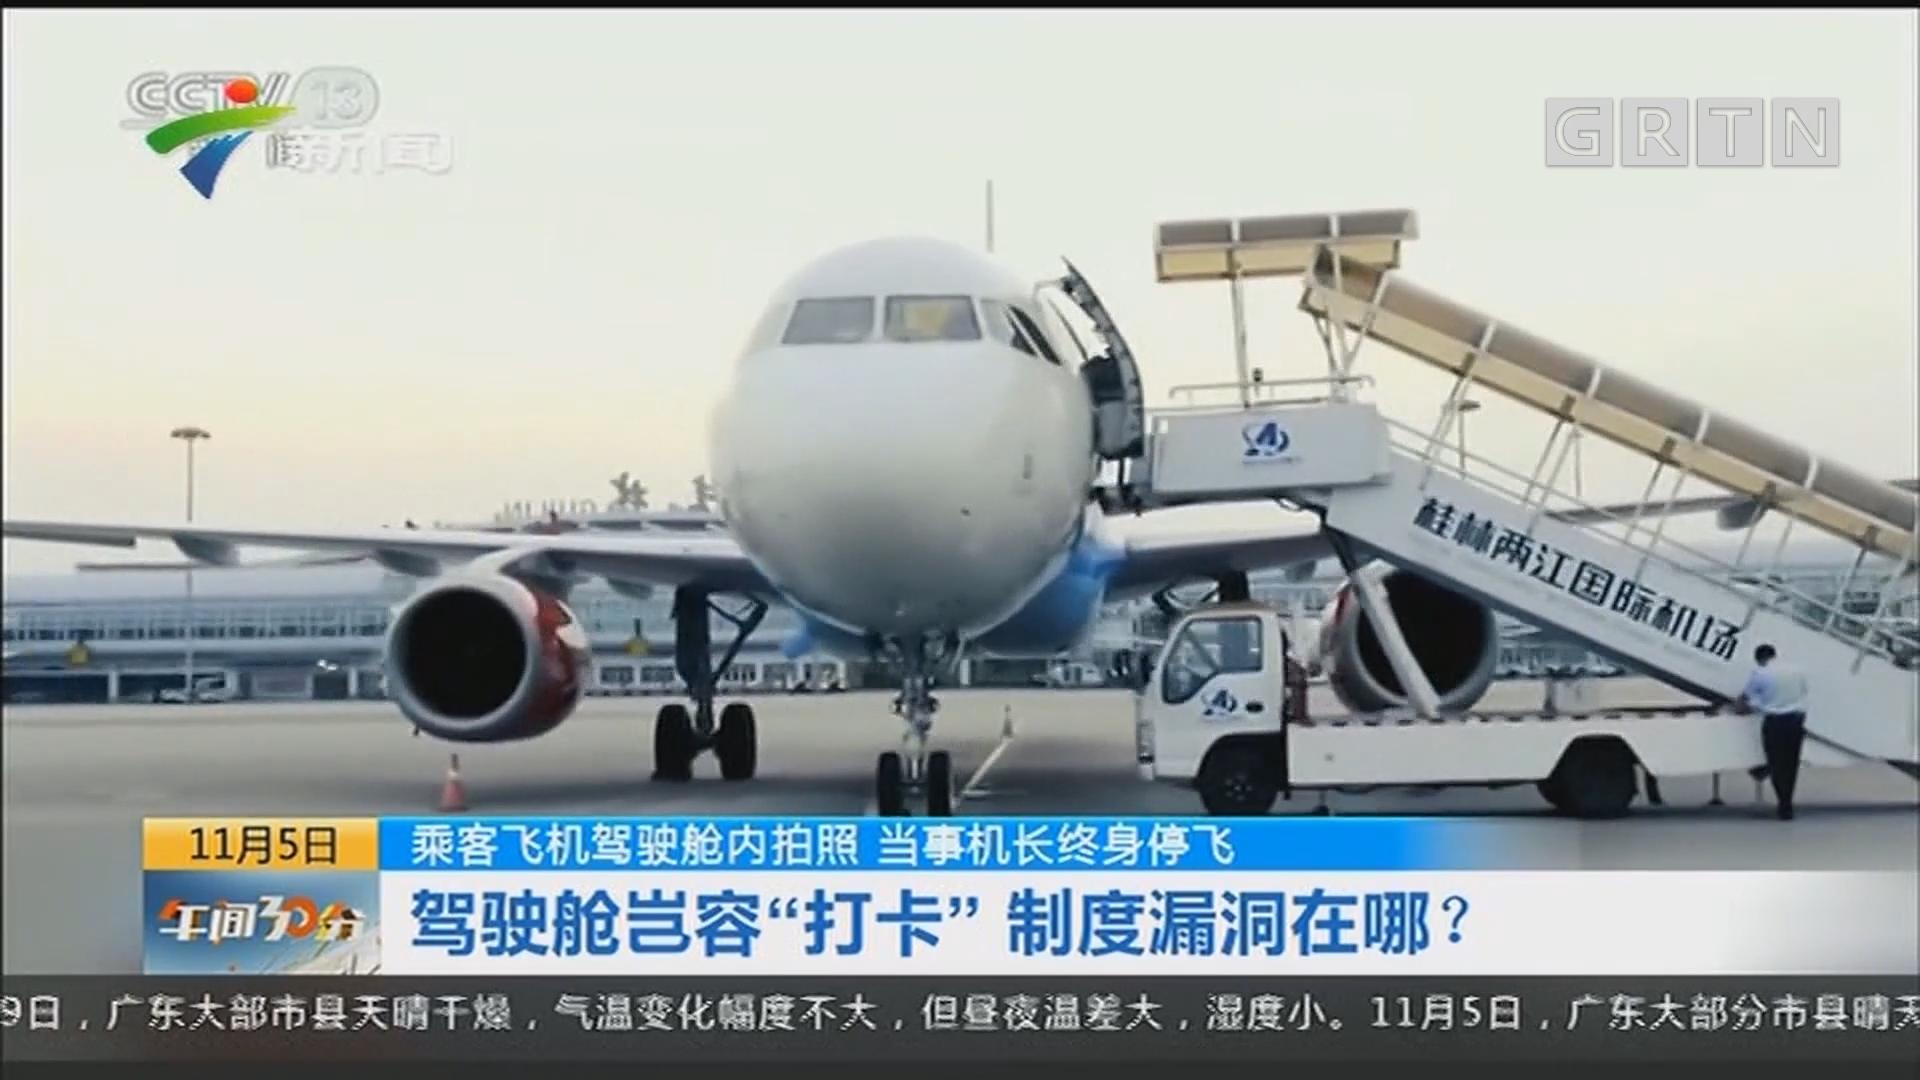 """乘客飞机驾驶舱内拍照 当事机长终身停飞:驾驶舱岂容""""打卡""""制度漏洞在哪?"""